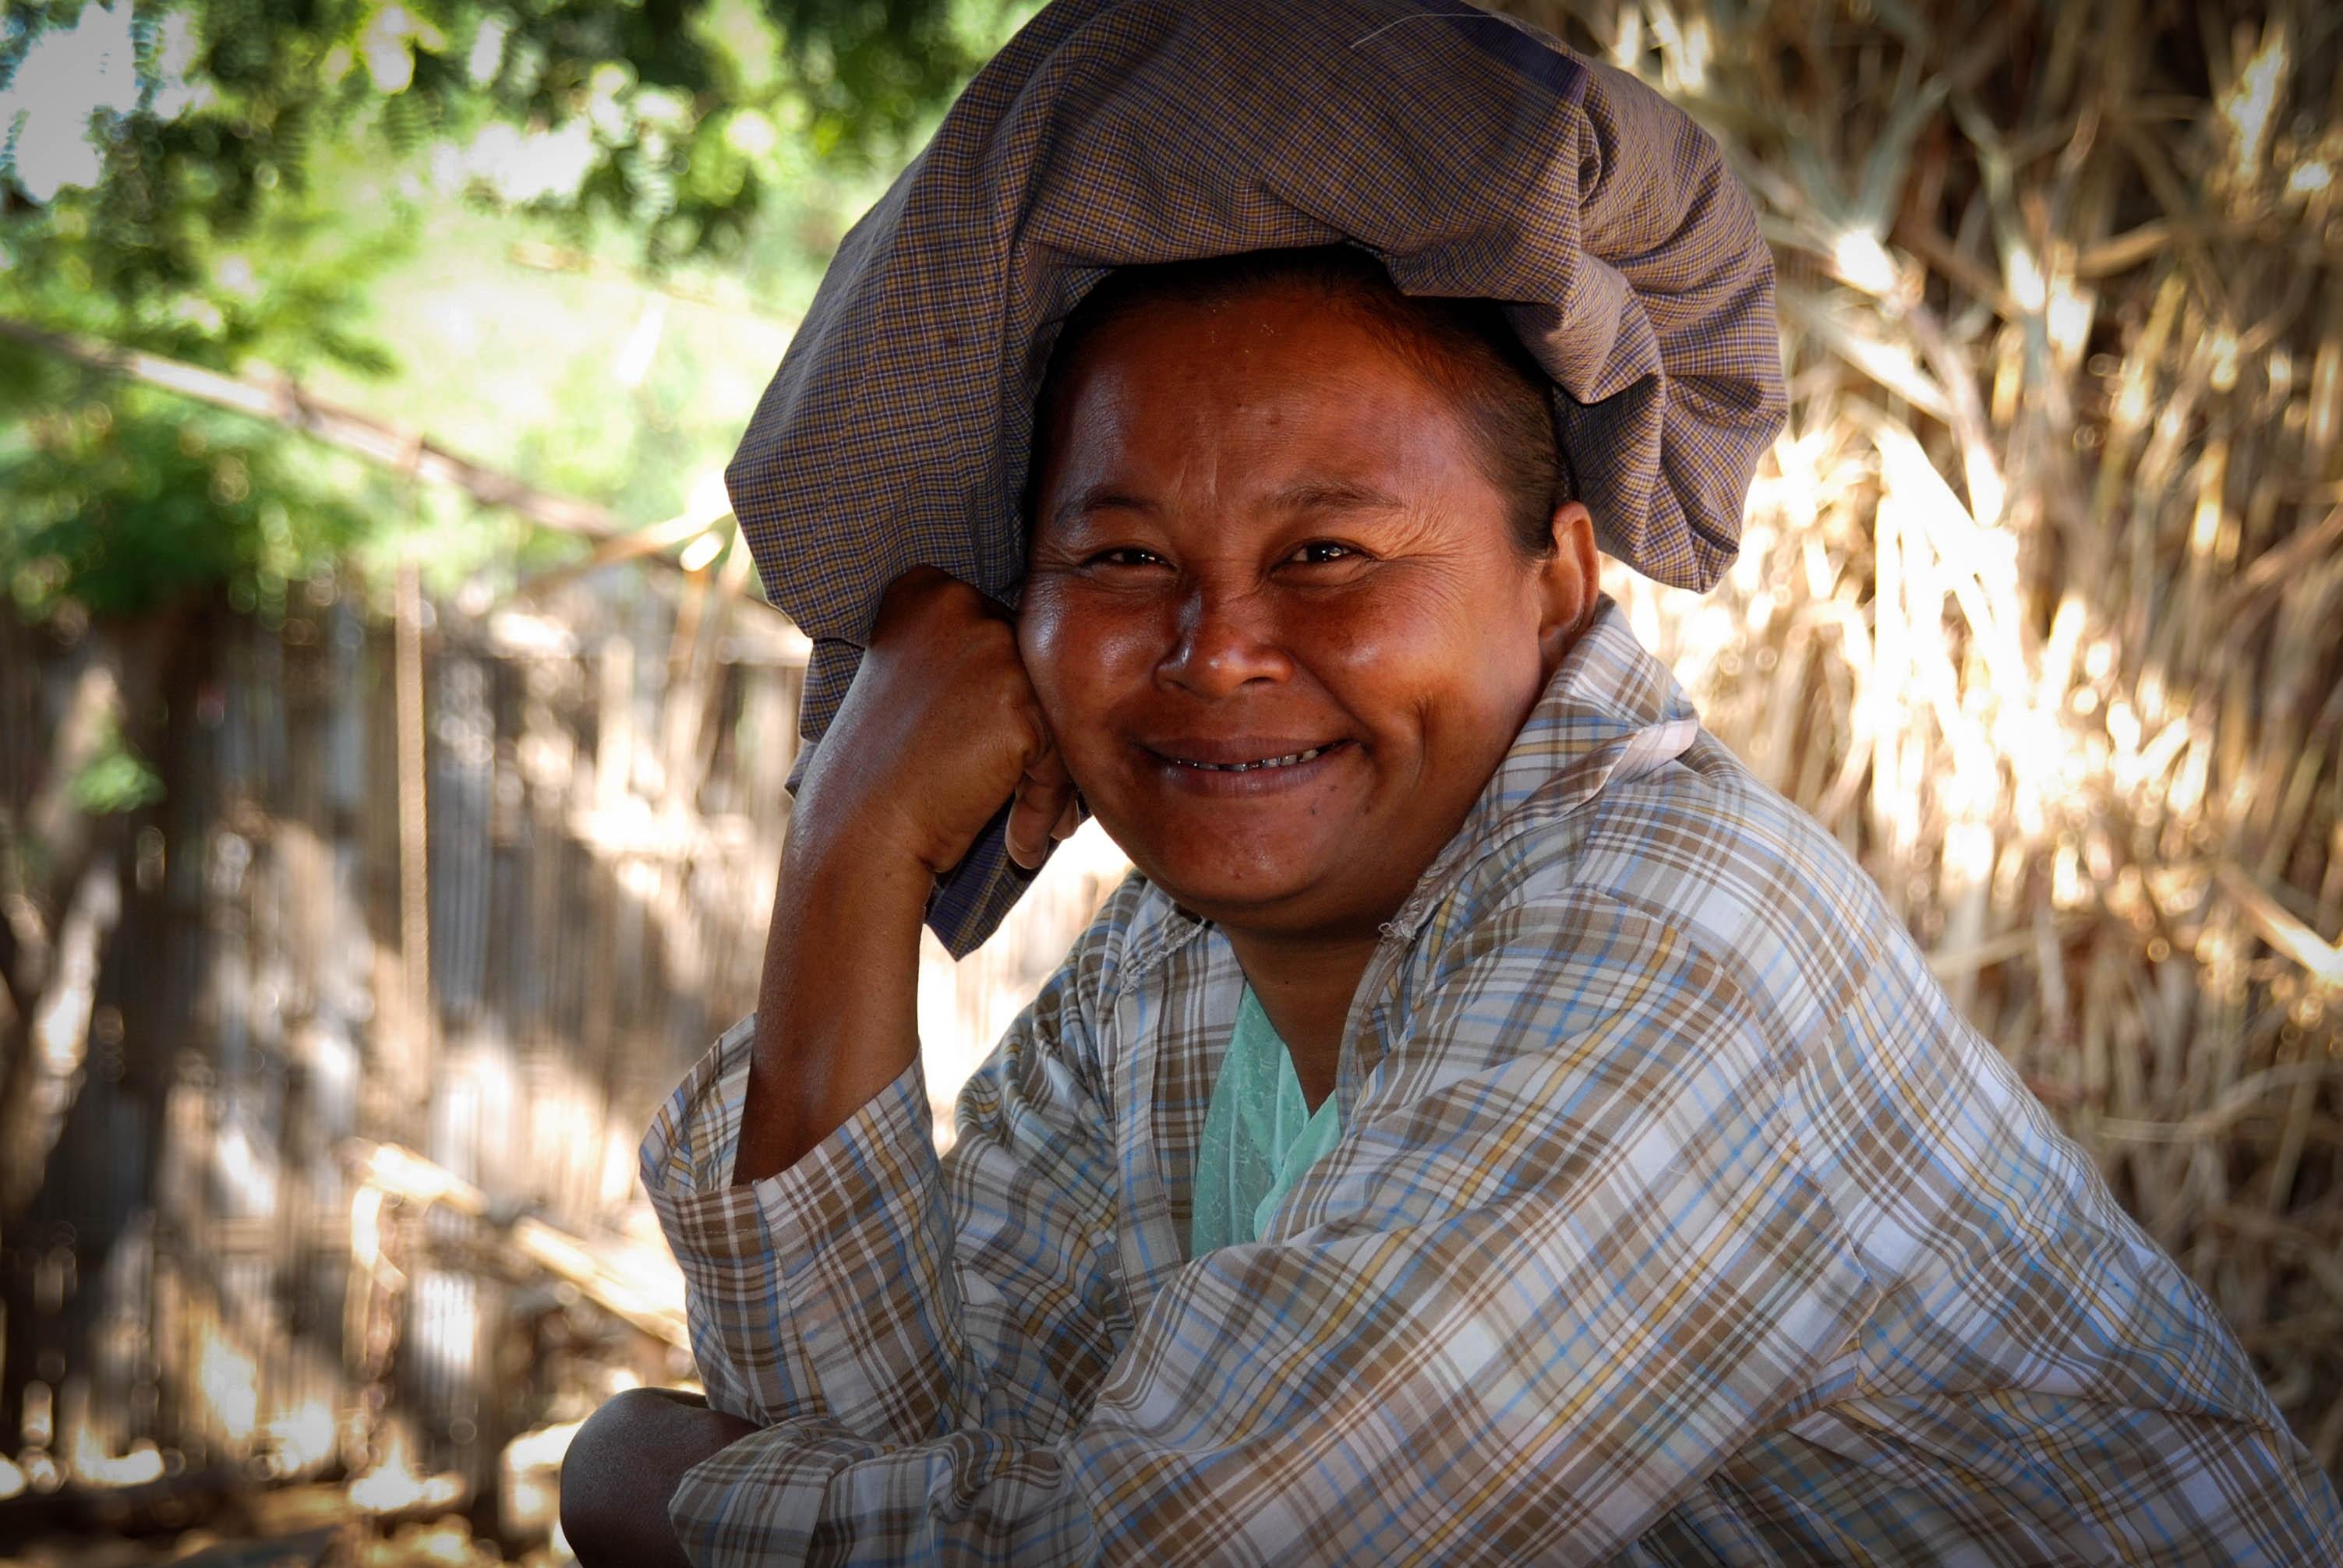 randění rande Bansang Myanmar c4p datování